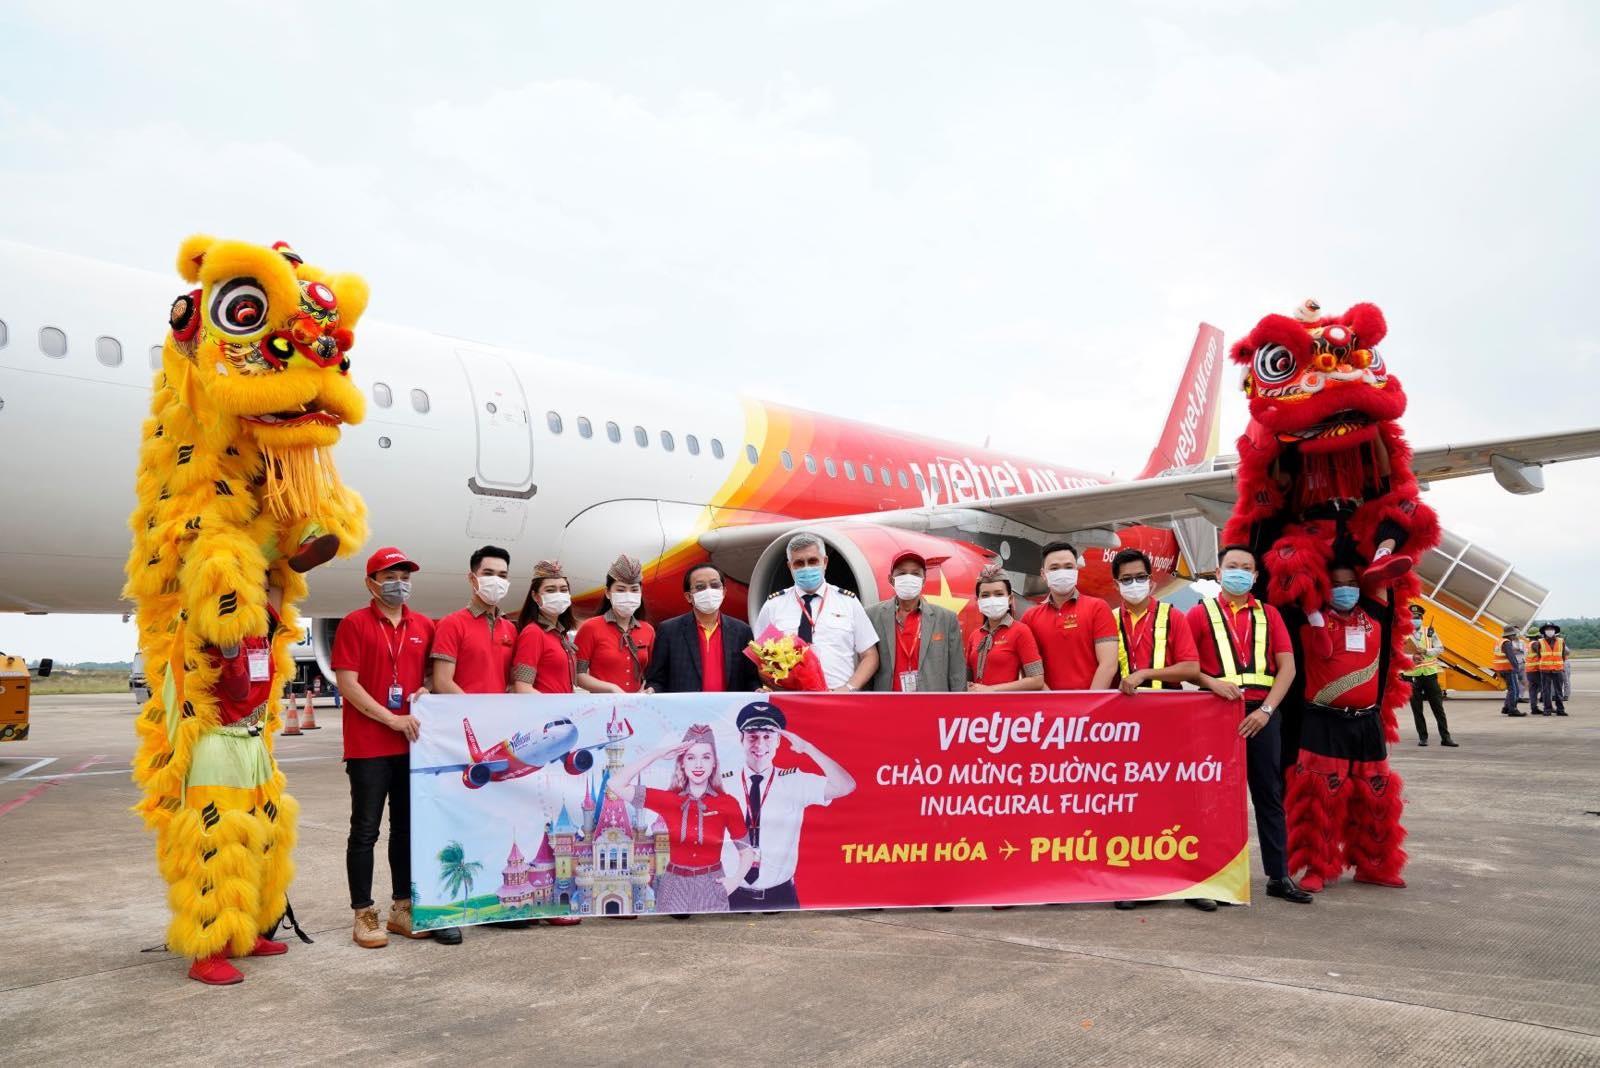 Vietjet anh 1  - Chuyen_bay_khai_truong_THD_PQC - Vietjet khai thác 10 đường bay thẳng đến Phú Quốc